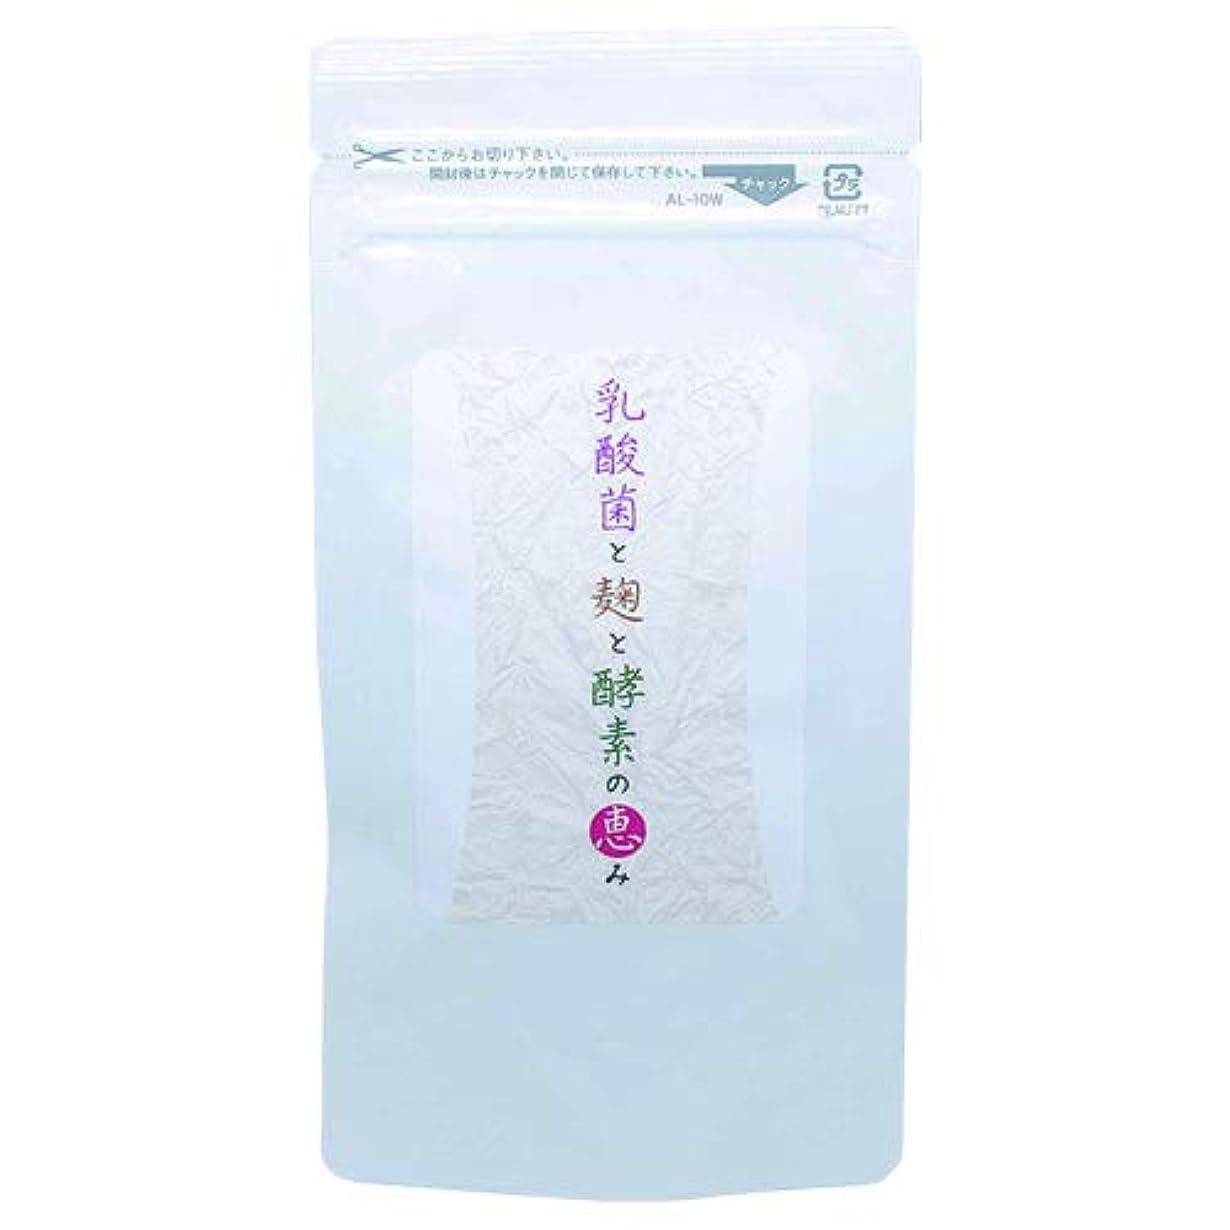 ラグなに周術期乳酸菌と麹と酵素の恵み (1)